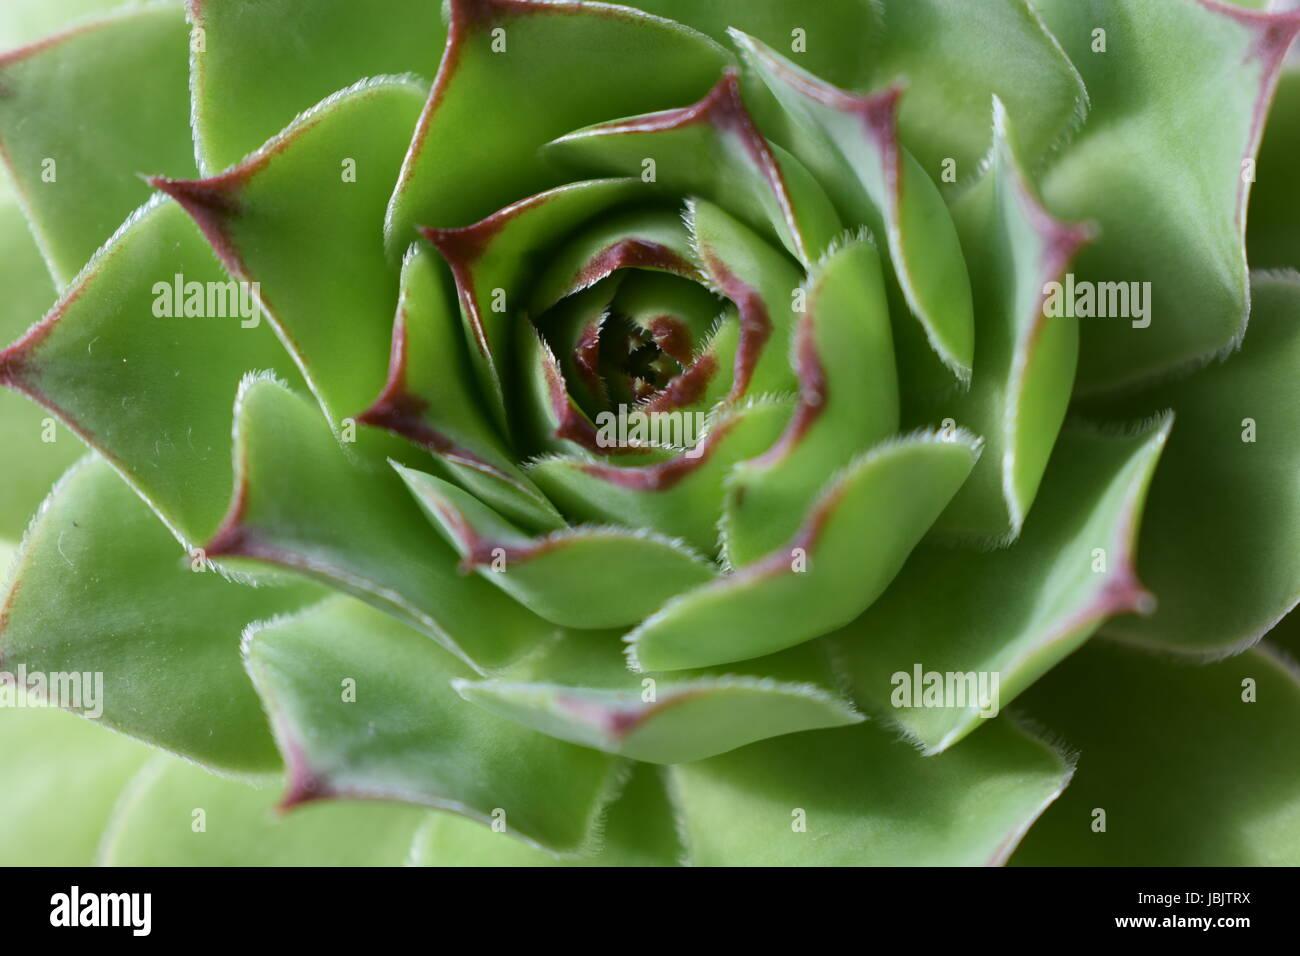 Echeveria close up - Stock Image